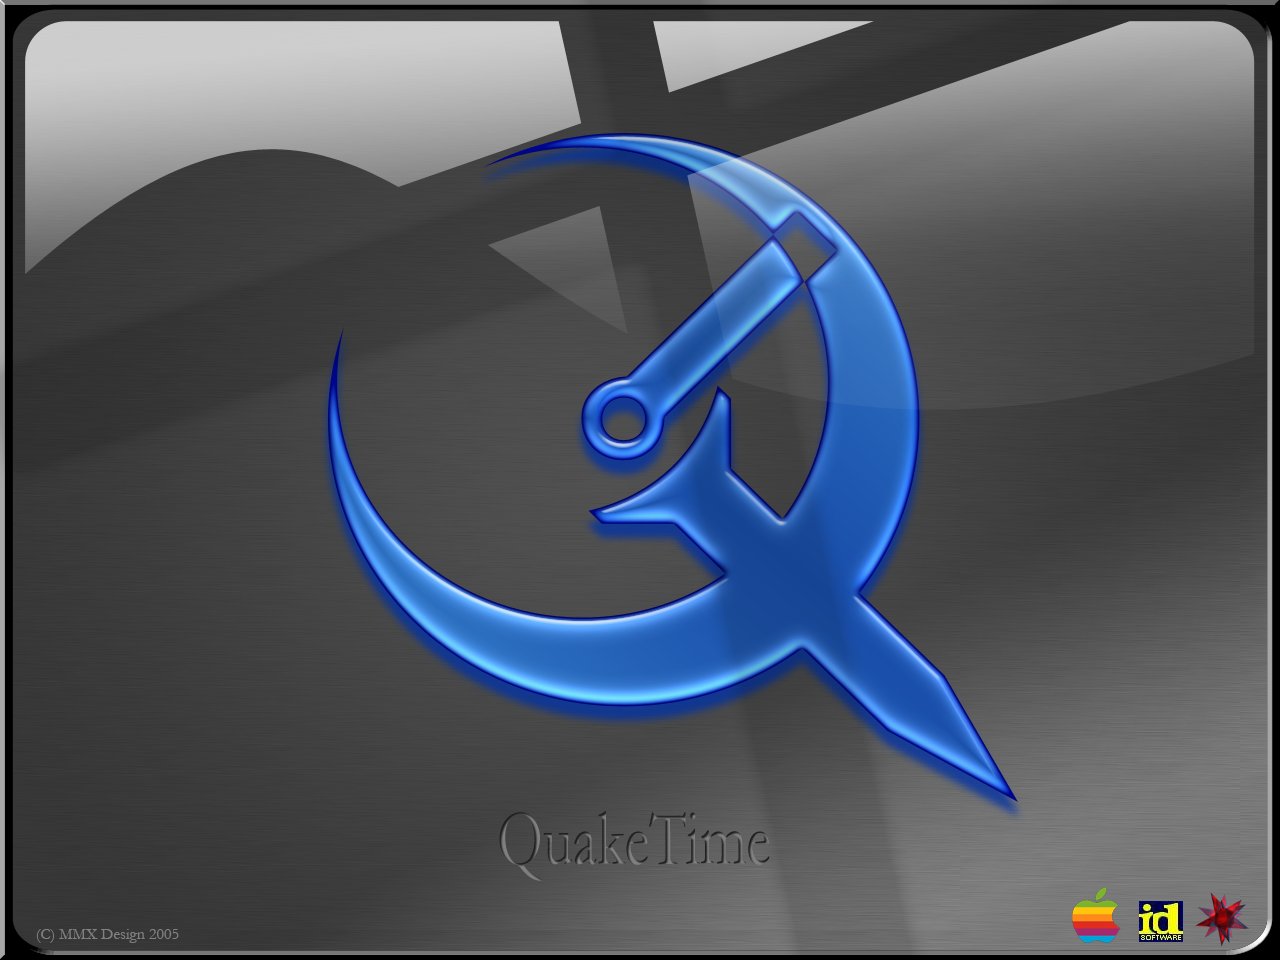 QuakeTime by MMX-Design